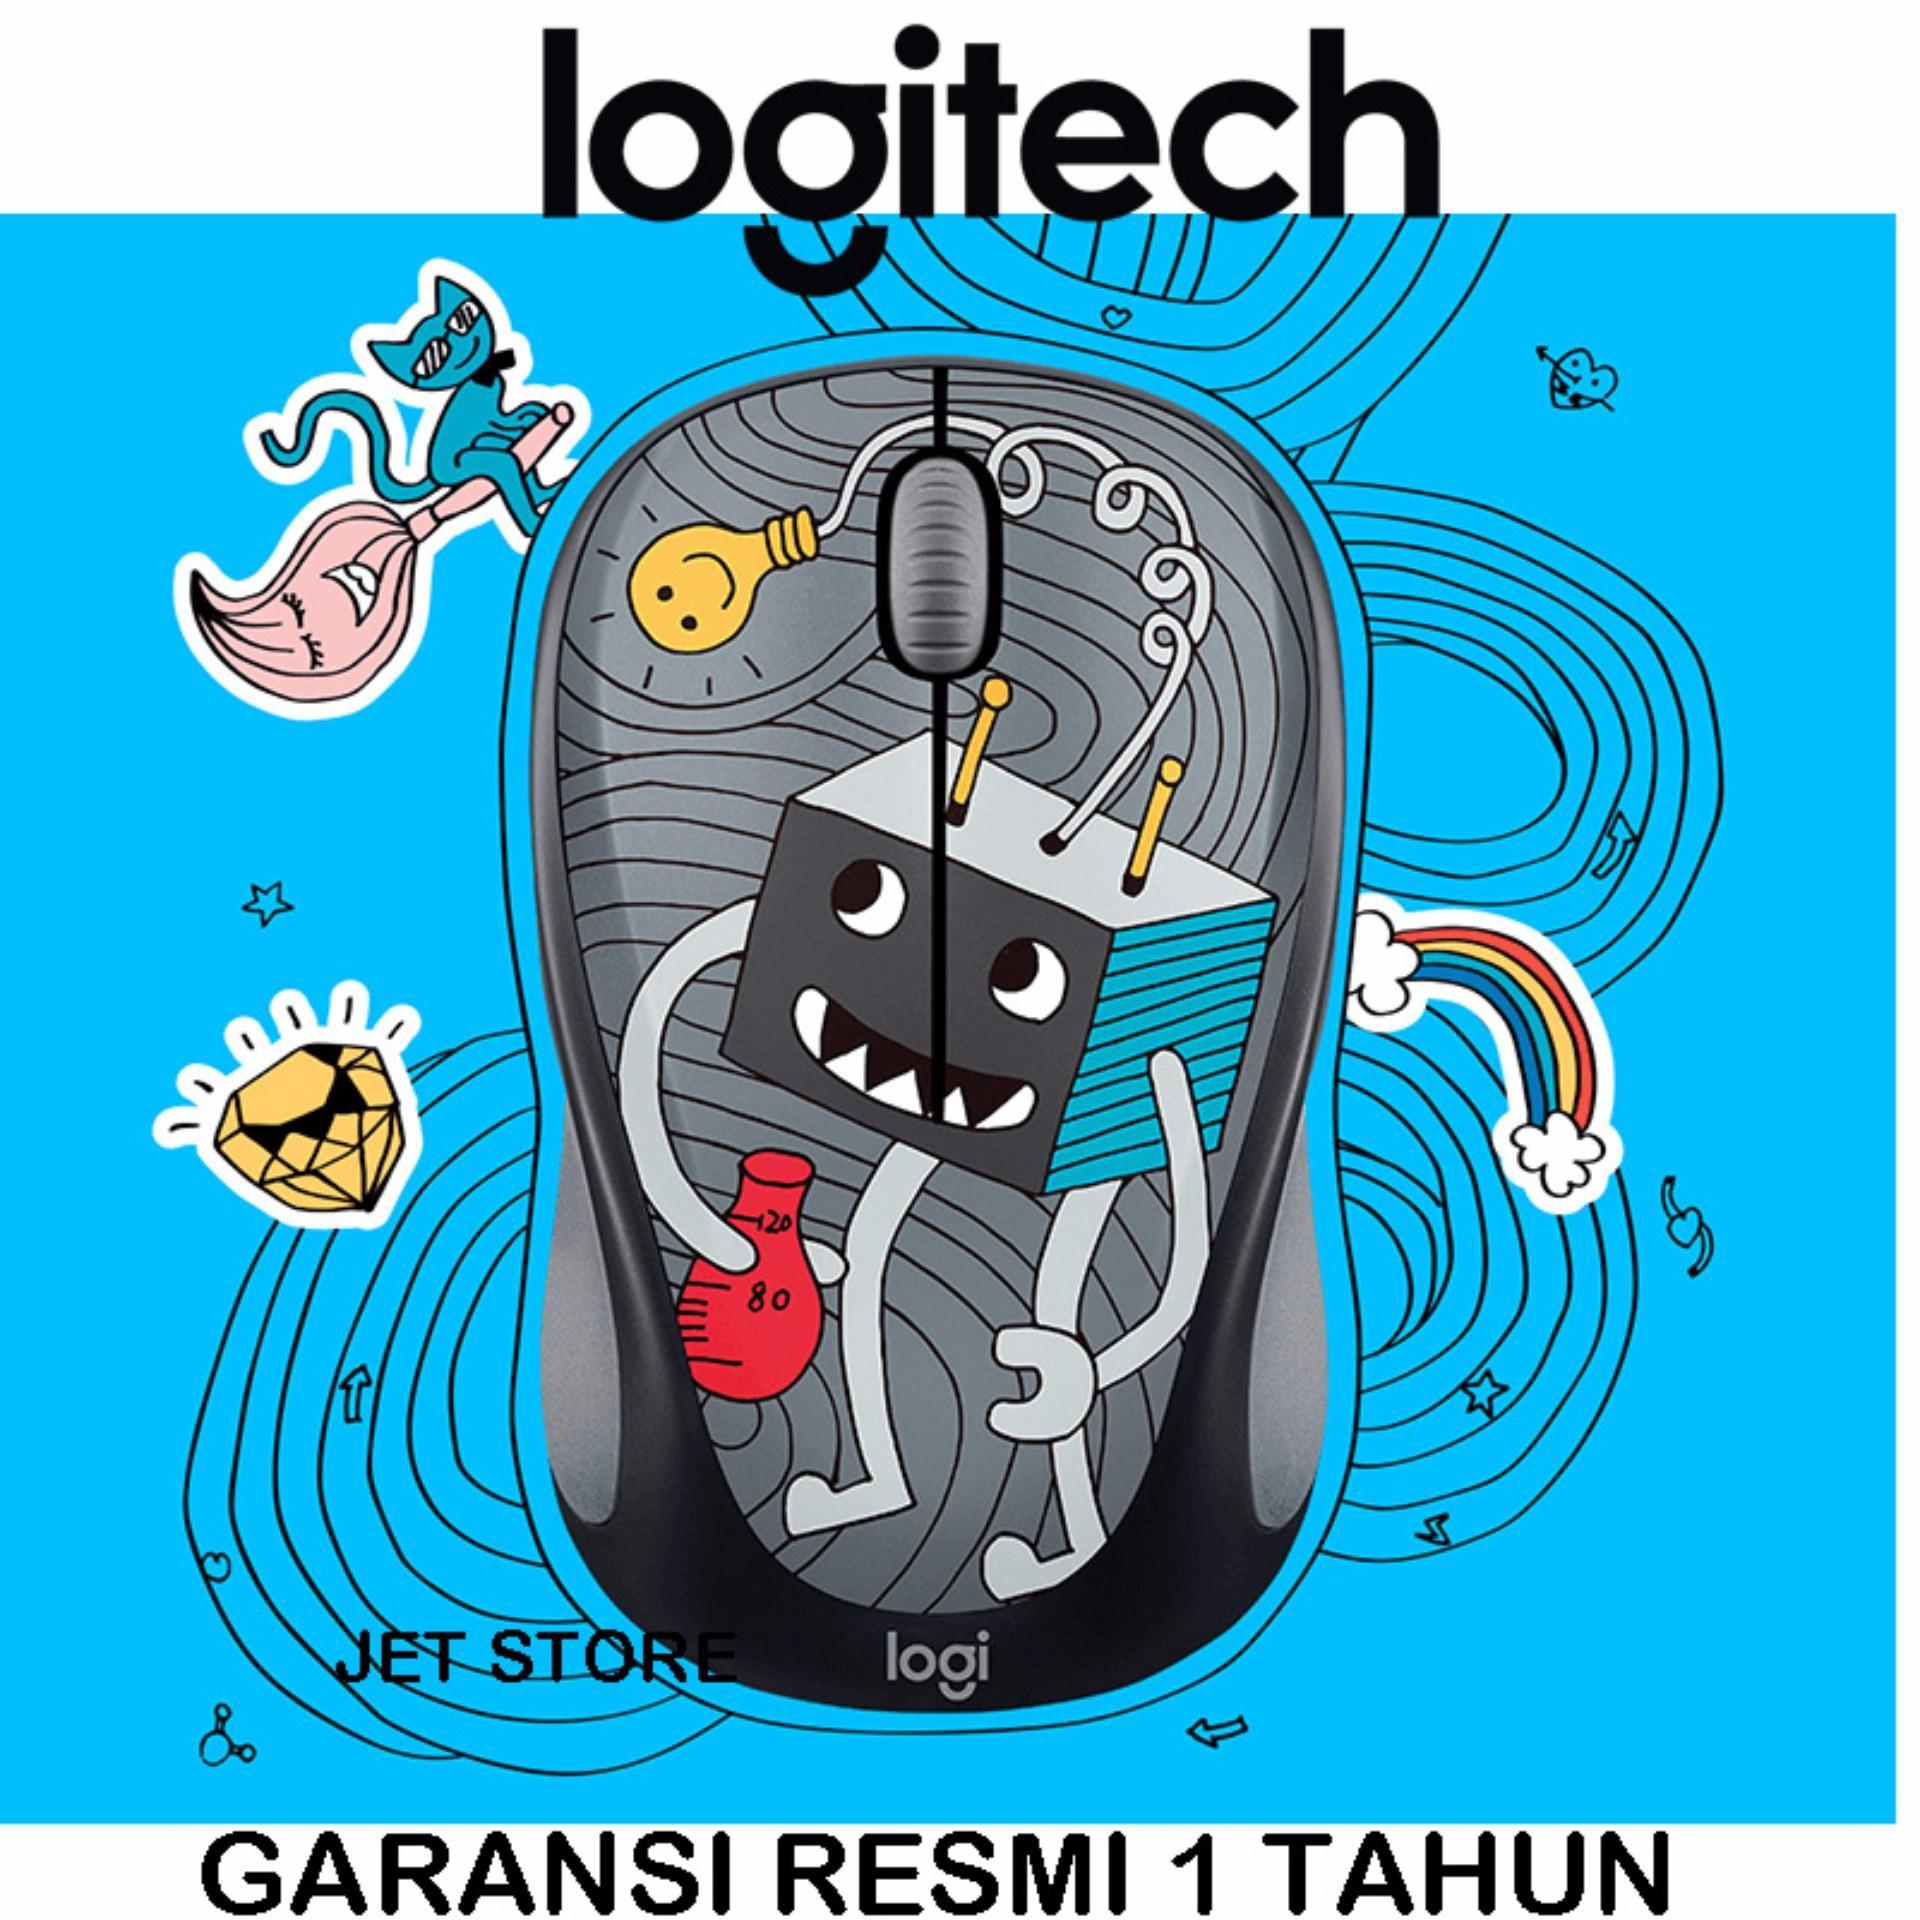 Daftar Harga Mouse Logitech Jogja November 2018 Paling Lengkap Garansi Resmi 2 Tahun Gaming G102 Prodigy Wireless Doodle Collection M238 Lightbulb